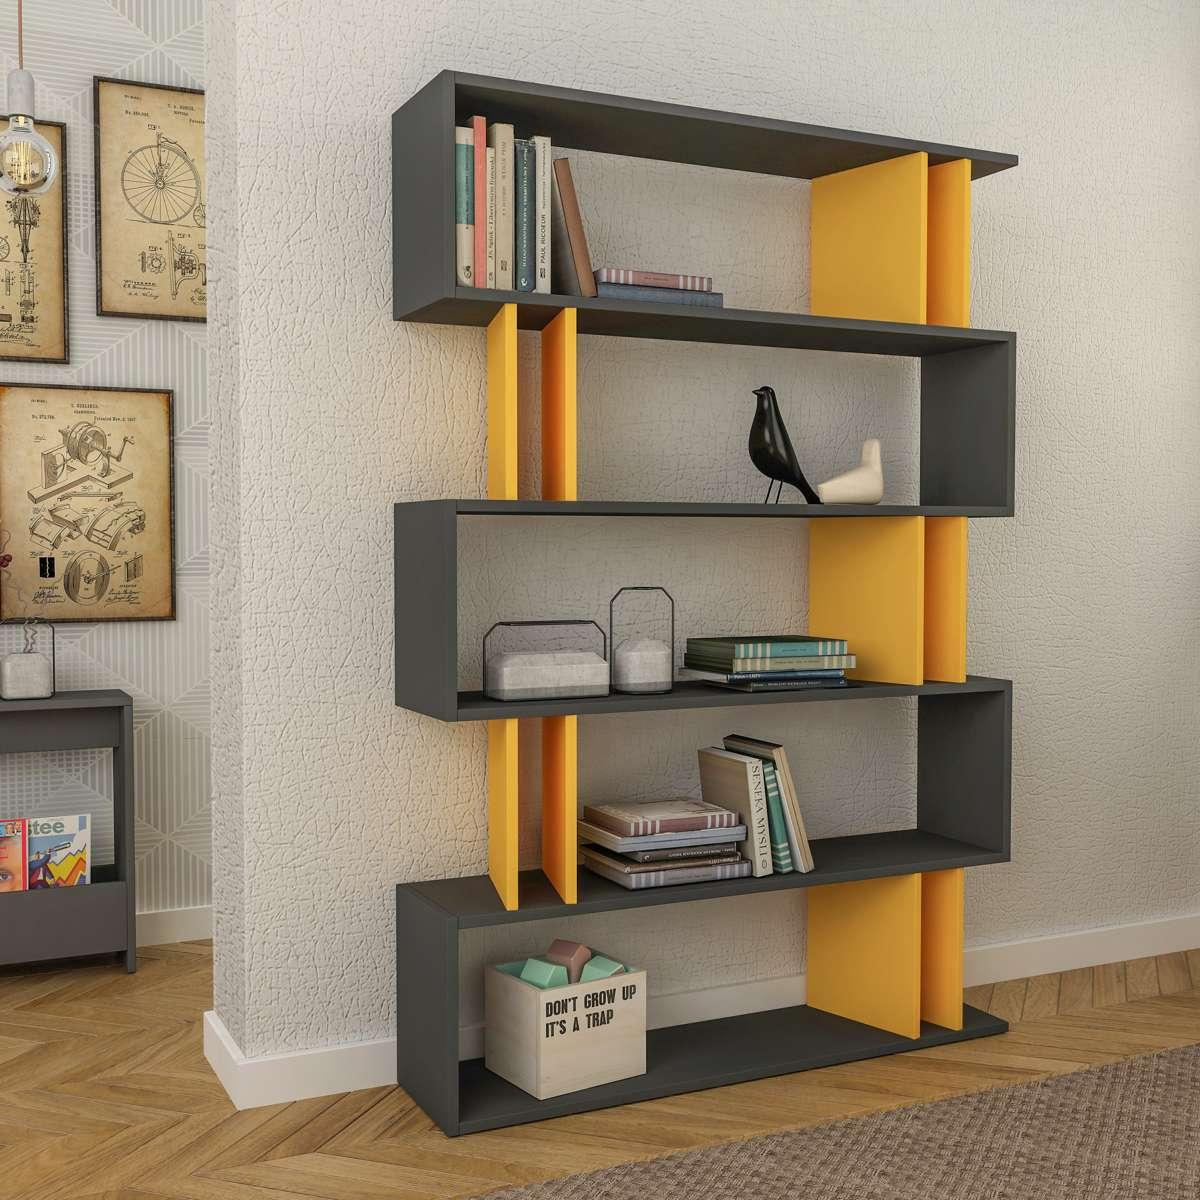 כוננית Partiro Bookcase אפור/צהוב מסדרת Decoline